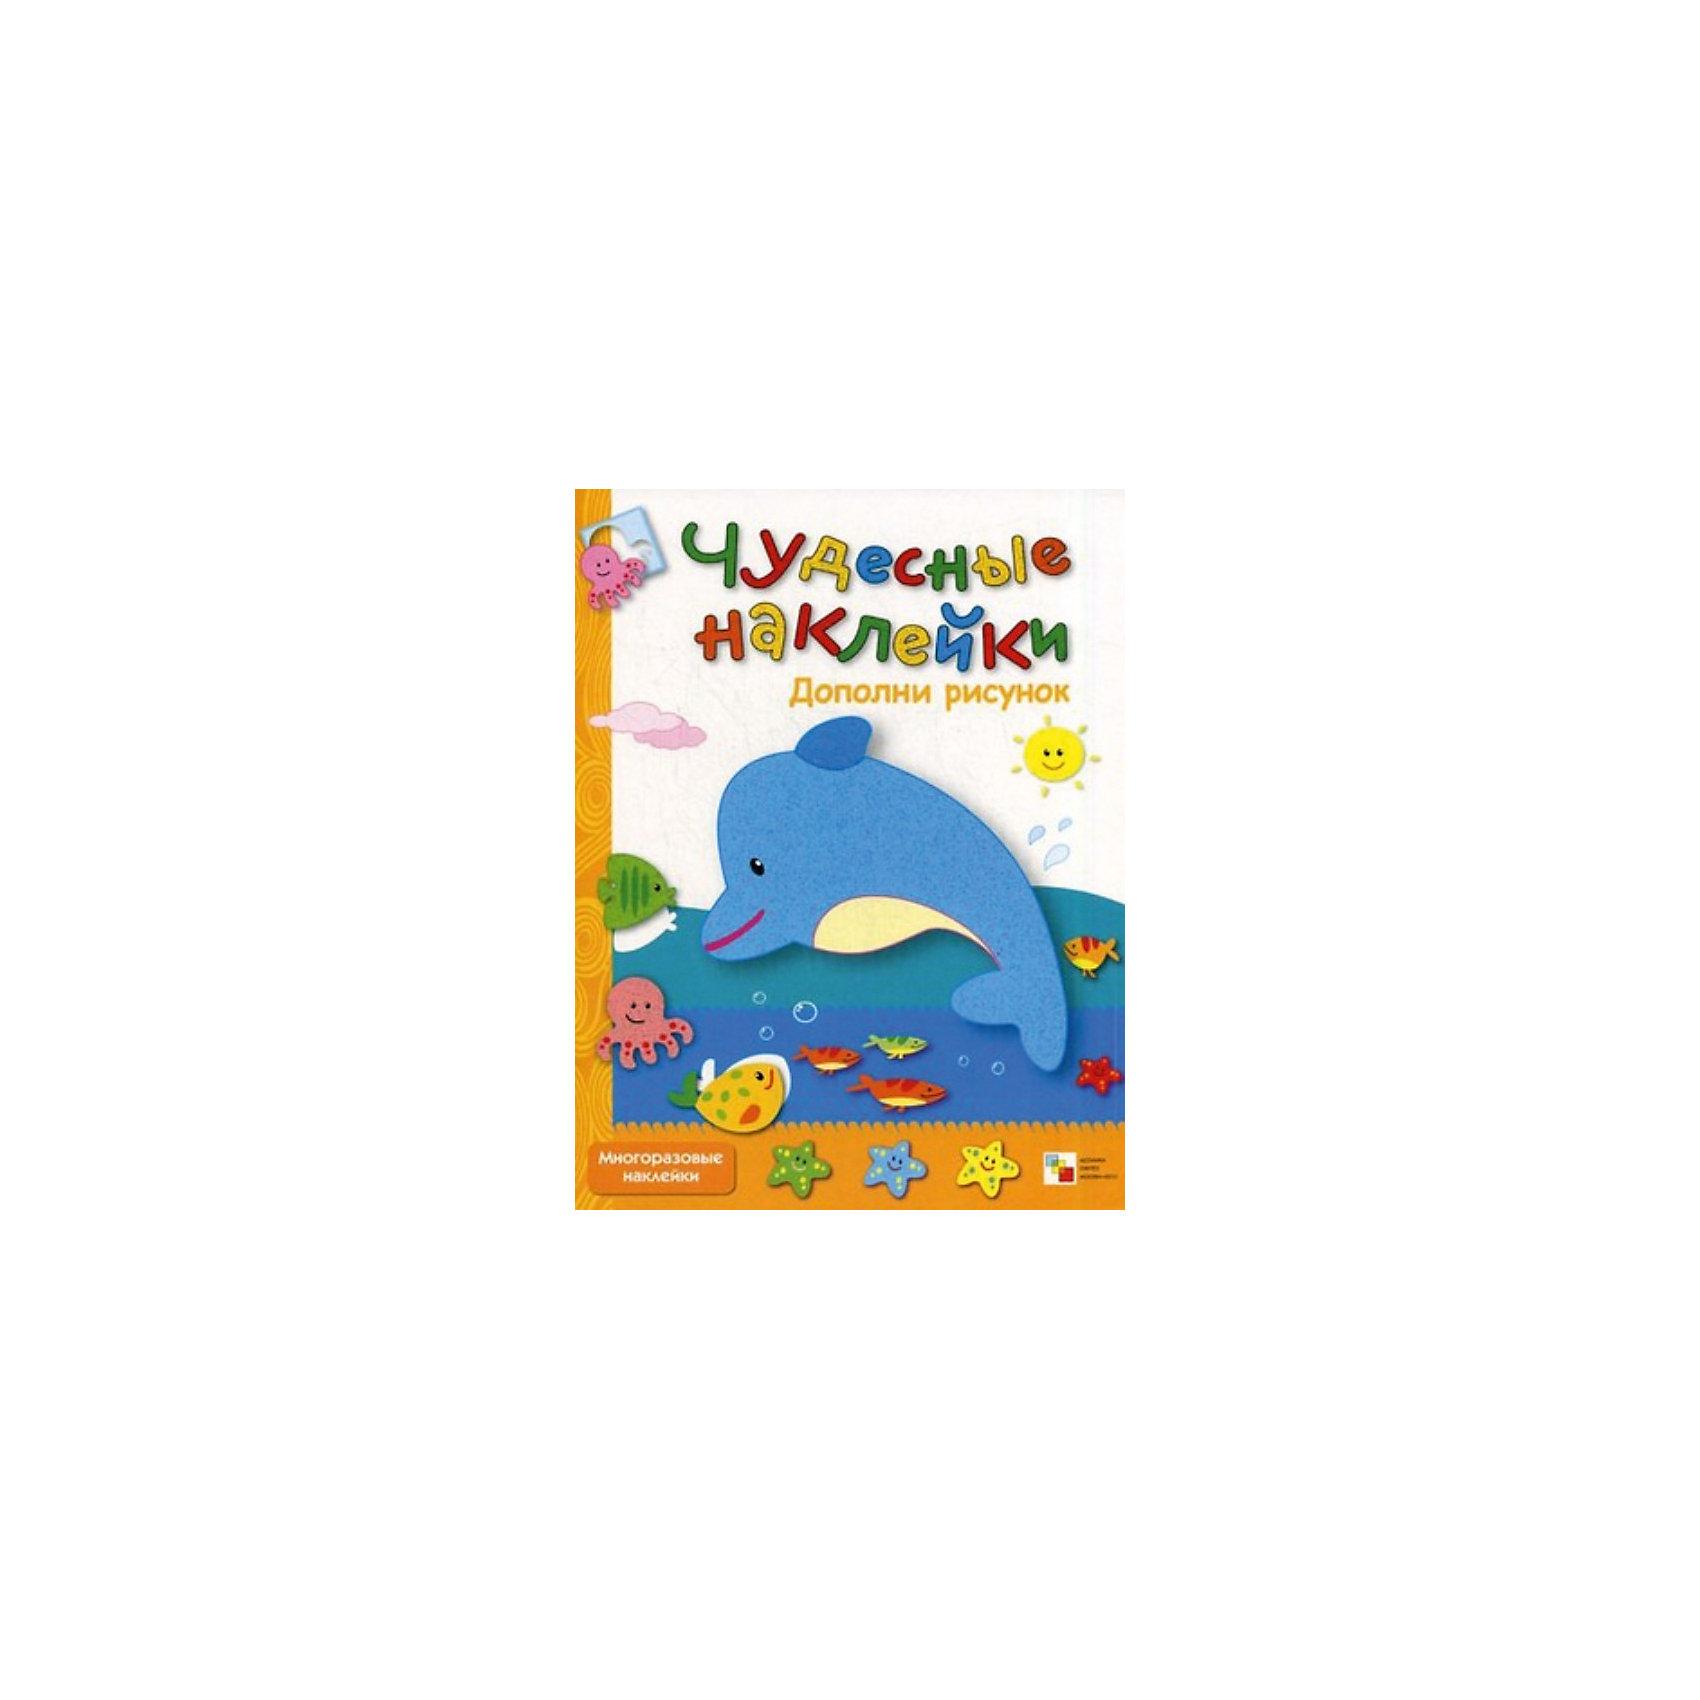 Развивающая книга Чудесные наклейки. Дополни рисунокКнижки с наклейками<br>Дополни рисунок, серия Чудесные наклейки - замечательное красочное издание, которое надолго займет внимание Вашего малыша. На каждой странице яркие крупные картинки, которые надо дополнить входящими в комплект наклейками. Книжка подойдет самым маленьким детям, здесь крупные понятные картинки и плотные странички со специальным покрытием, которые невозможно порвать или смять. Ваш ребенок получит  массу положительных эмоций украшая картинки яркими многоразовыми наклейками. Веселая и увлекательная игра с наклейками поспособствует развитию мелкой моторики, воображения, усидчивости и концентрации внимания.<br><br>,Дополнительная информация:<br><br>- Художник: Е. Романцова. <br>- Серия: Чудесные наклейки.<br>- Переплет: мягкая обложка.<br>- Иллюстрации: цветные.<br>- Объем: 12 стр.<br>- Формат: 21,5 x 28 см.<br>- Вес: 78 гр.<br><br>Издание Дополни рисунок, серия Чудесные наклейки, можно купить в нашем интернет-магазине.<br><br>Ширина мм: 282<br>Глубина мм: 216<br>Высота мм: 2<br>Вес г: 110<br>Возраст от месяцев: 36<br>Возраст до месяцев: 60<br>Пол: Унисекс<br>Возраст: Детский<br>SKU: 3825802